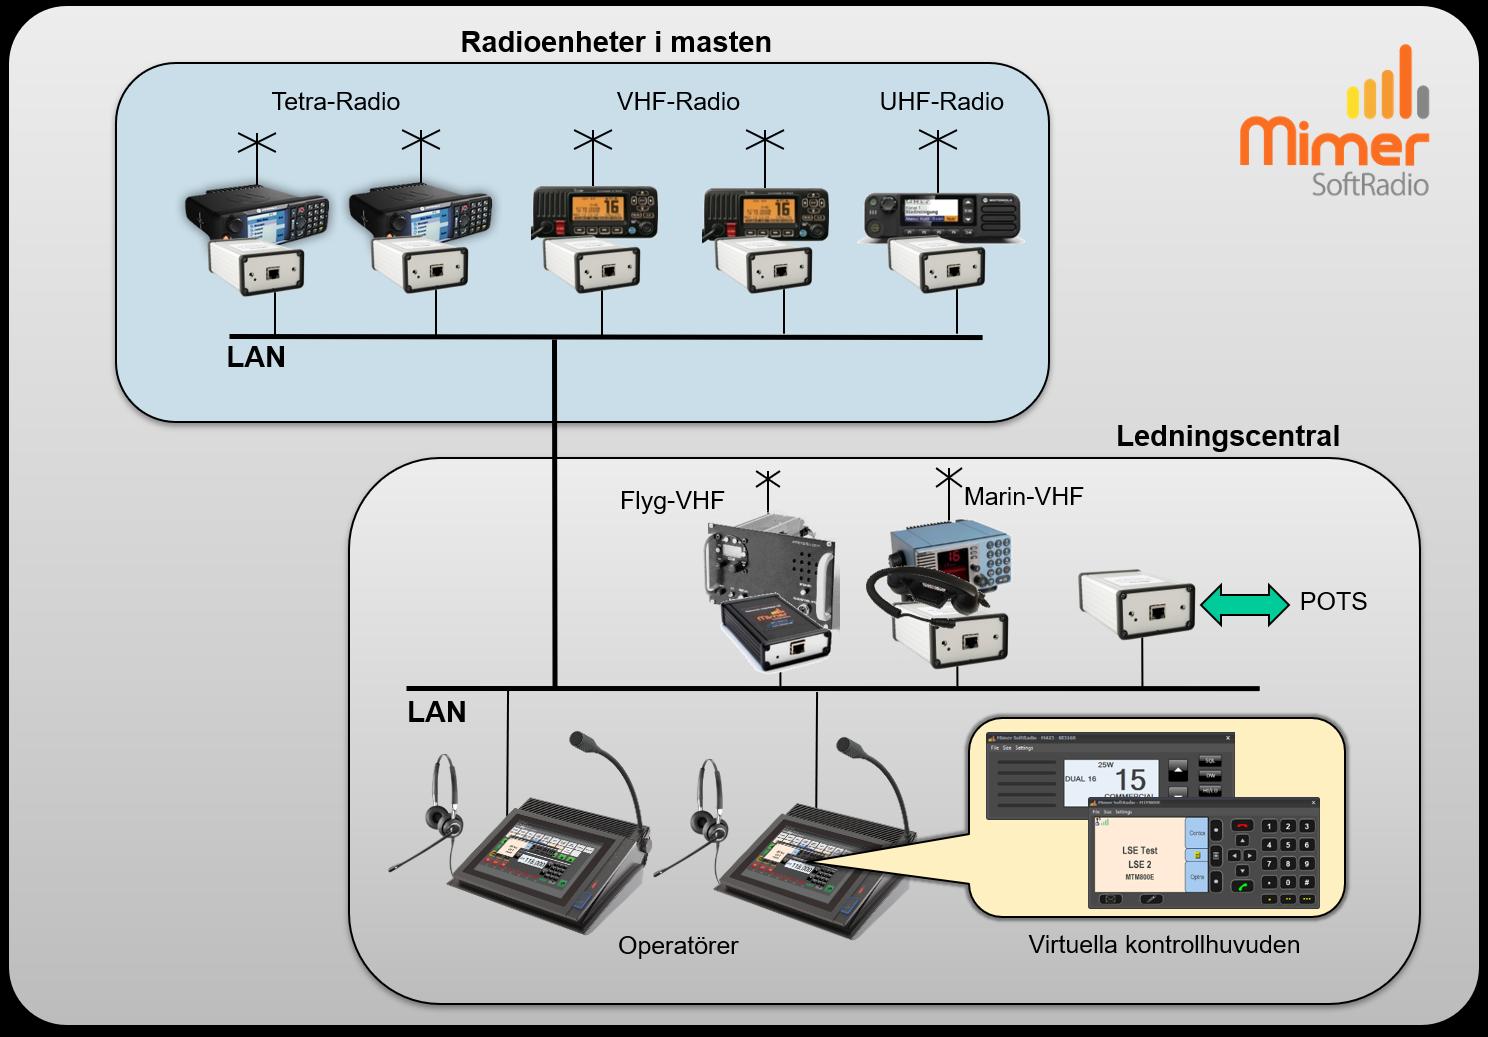 Skiss över systemet på KBV001-003